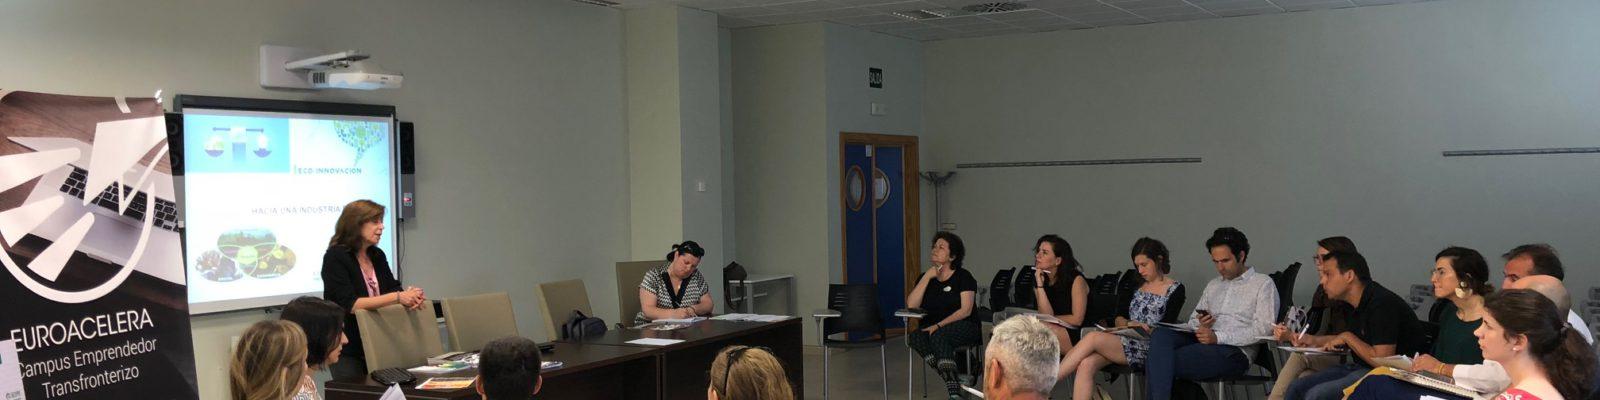 AJE Extremadura en la Mesa de Trabajo ECO de EUROACELERA